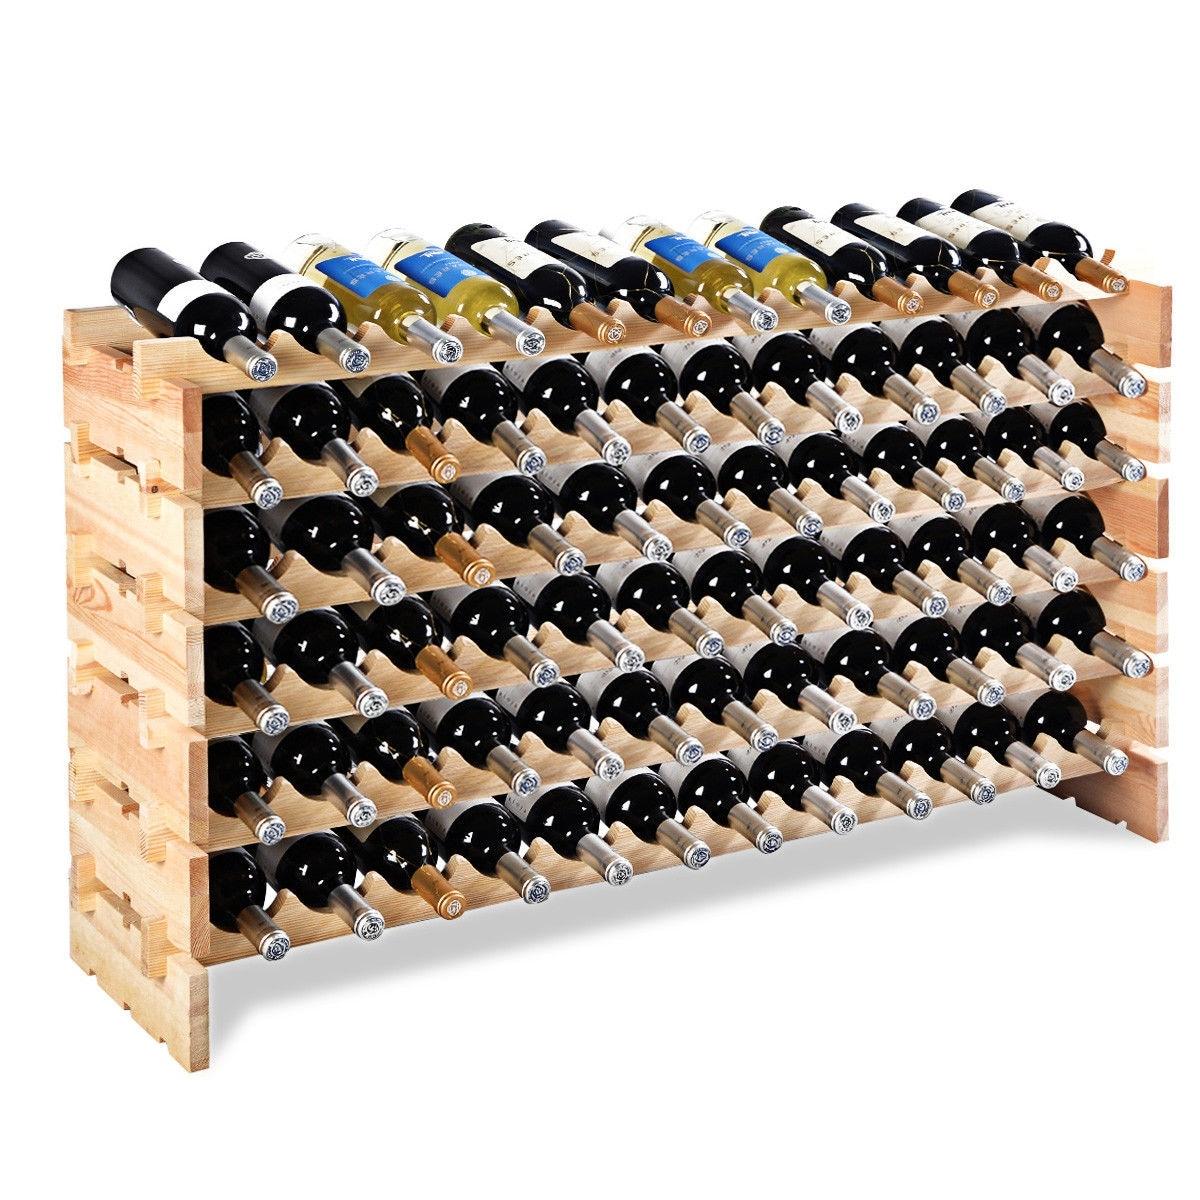 Buy Wine Racks U0026 Storage Online At Overstock | Our Best Storage U0026  Organization Deals